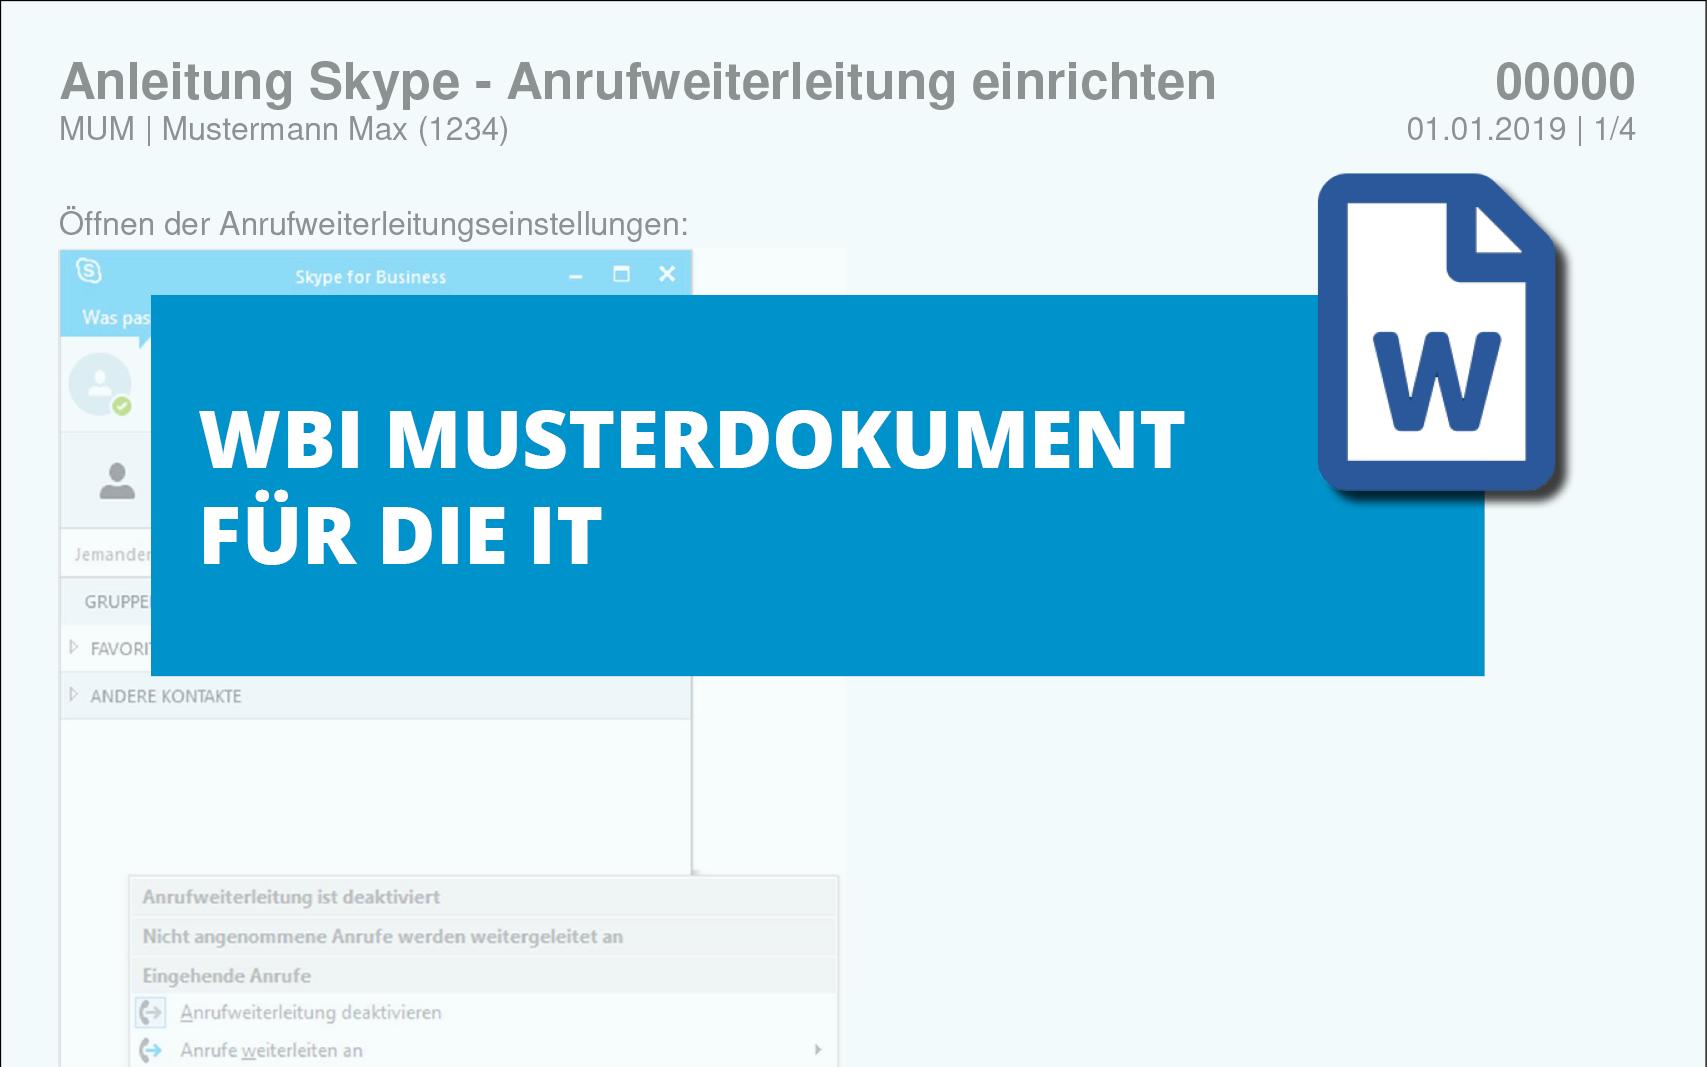 anleitung-skype-anrufweiterleitung-einrichten